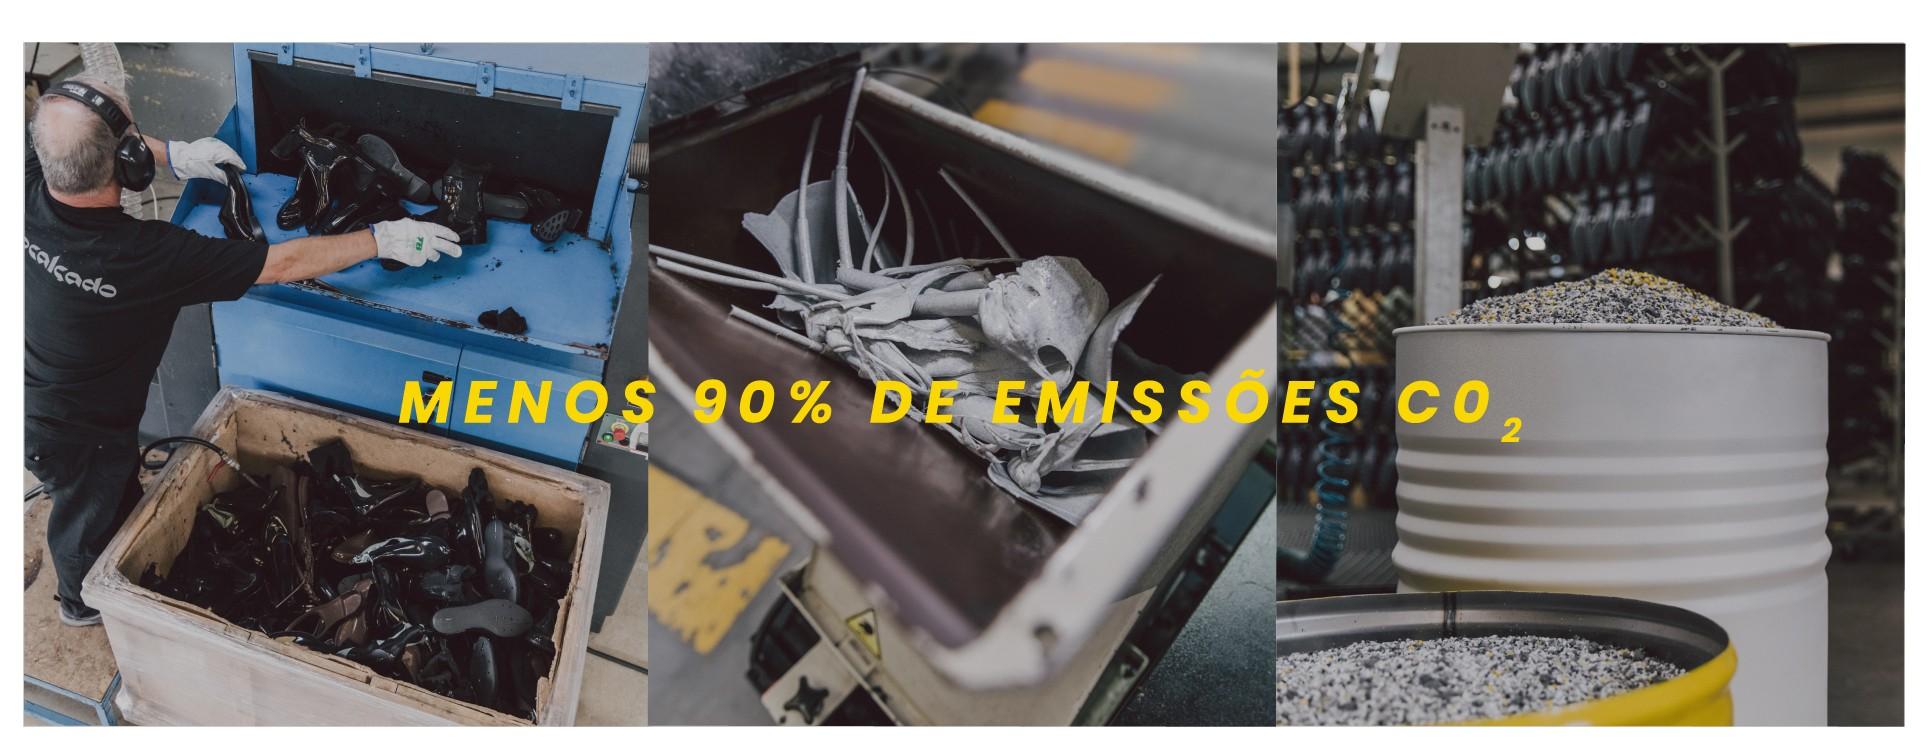 Calçado reciclado com menos 90% CO2